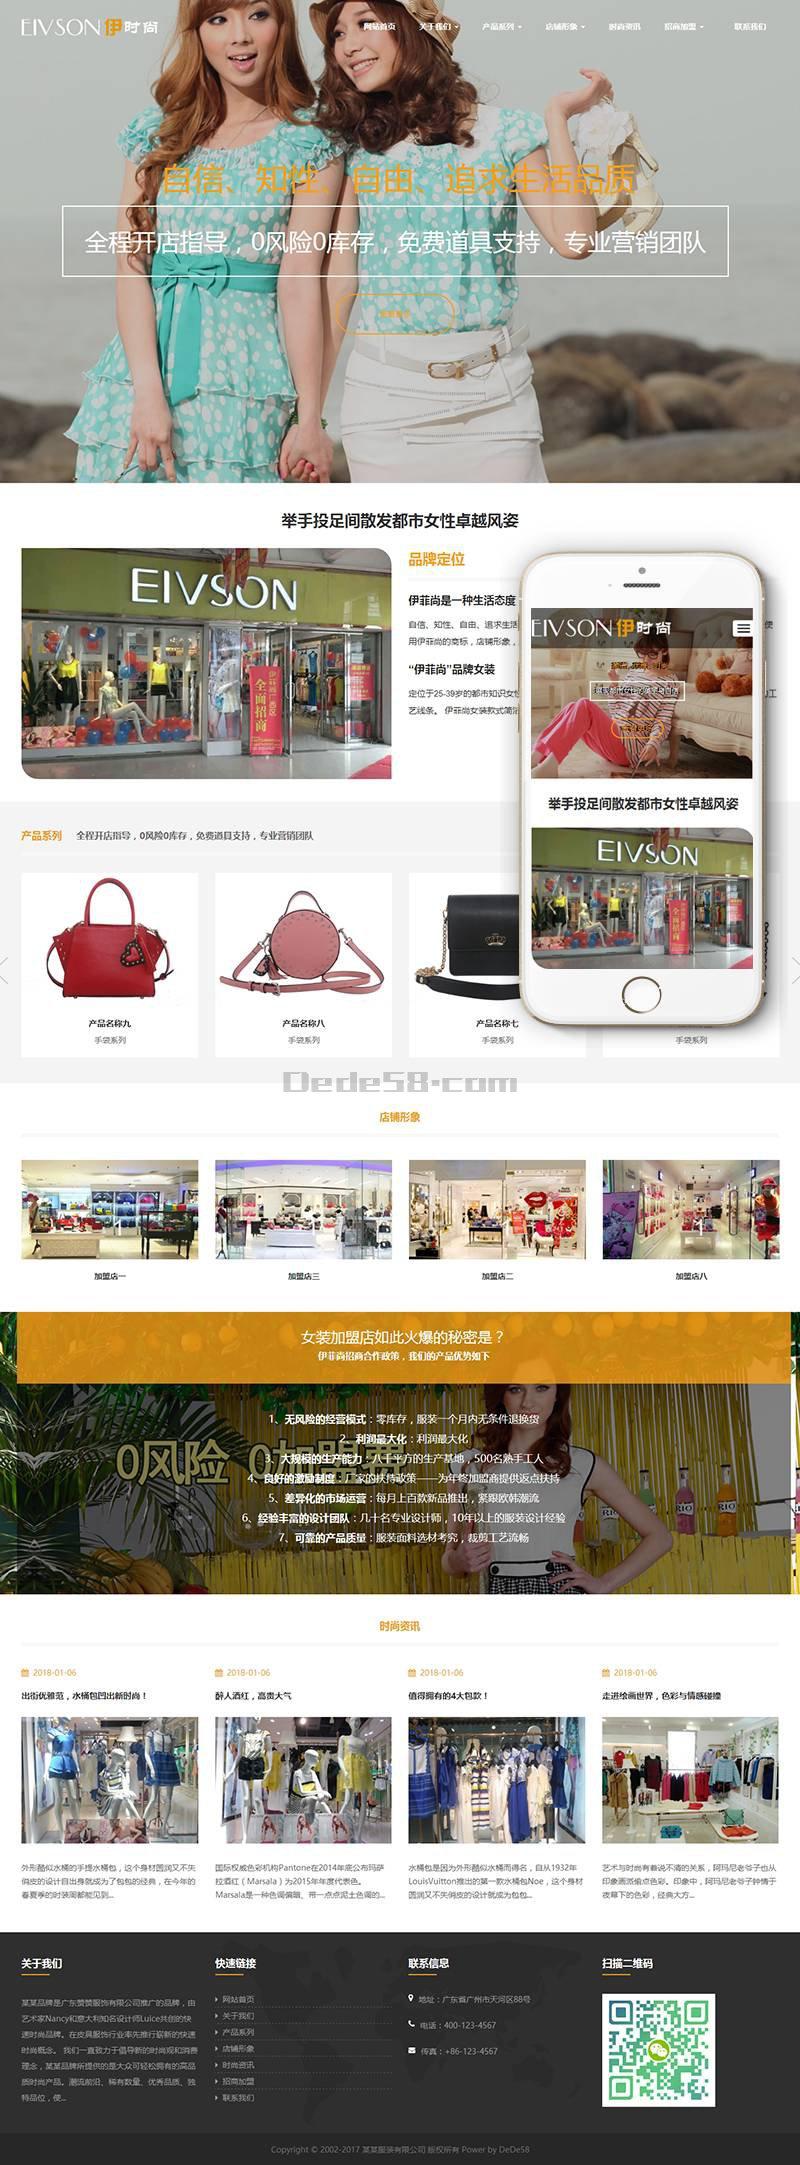 自响应式时尚服装展示企业网站织梦模板(自适应手机端)+利于SEO优化